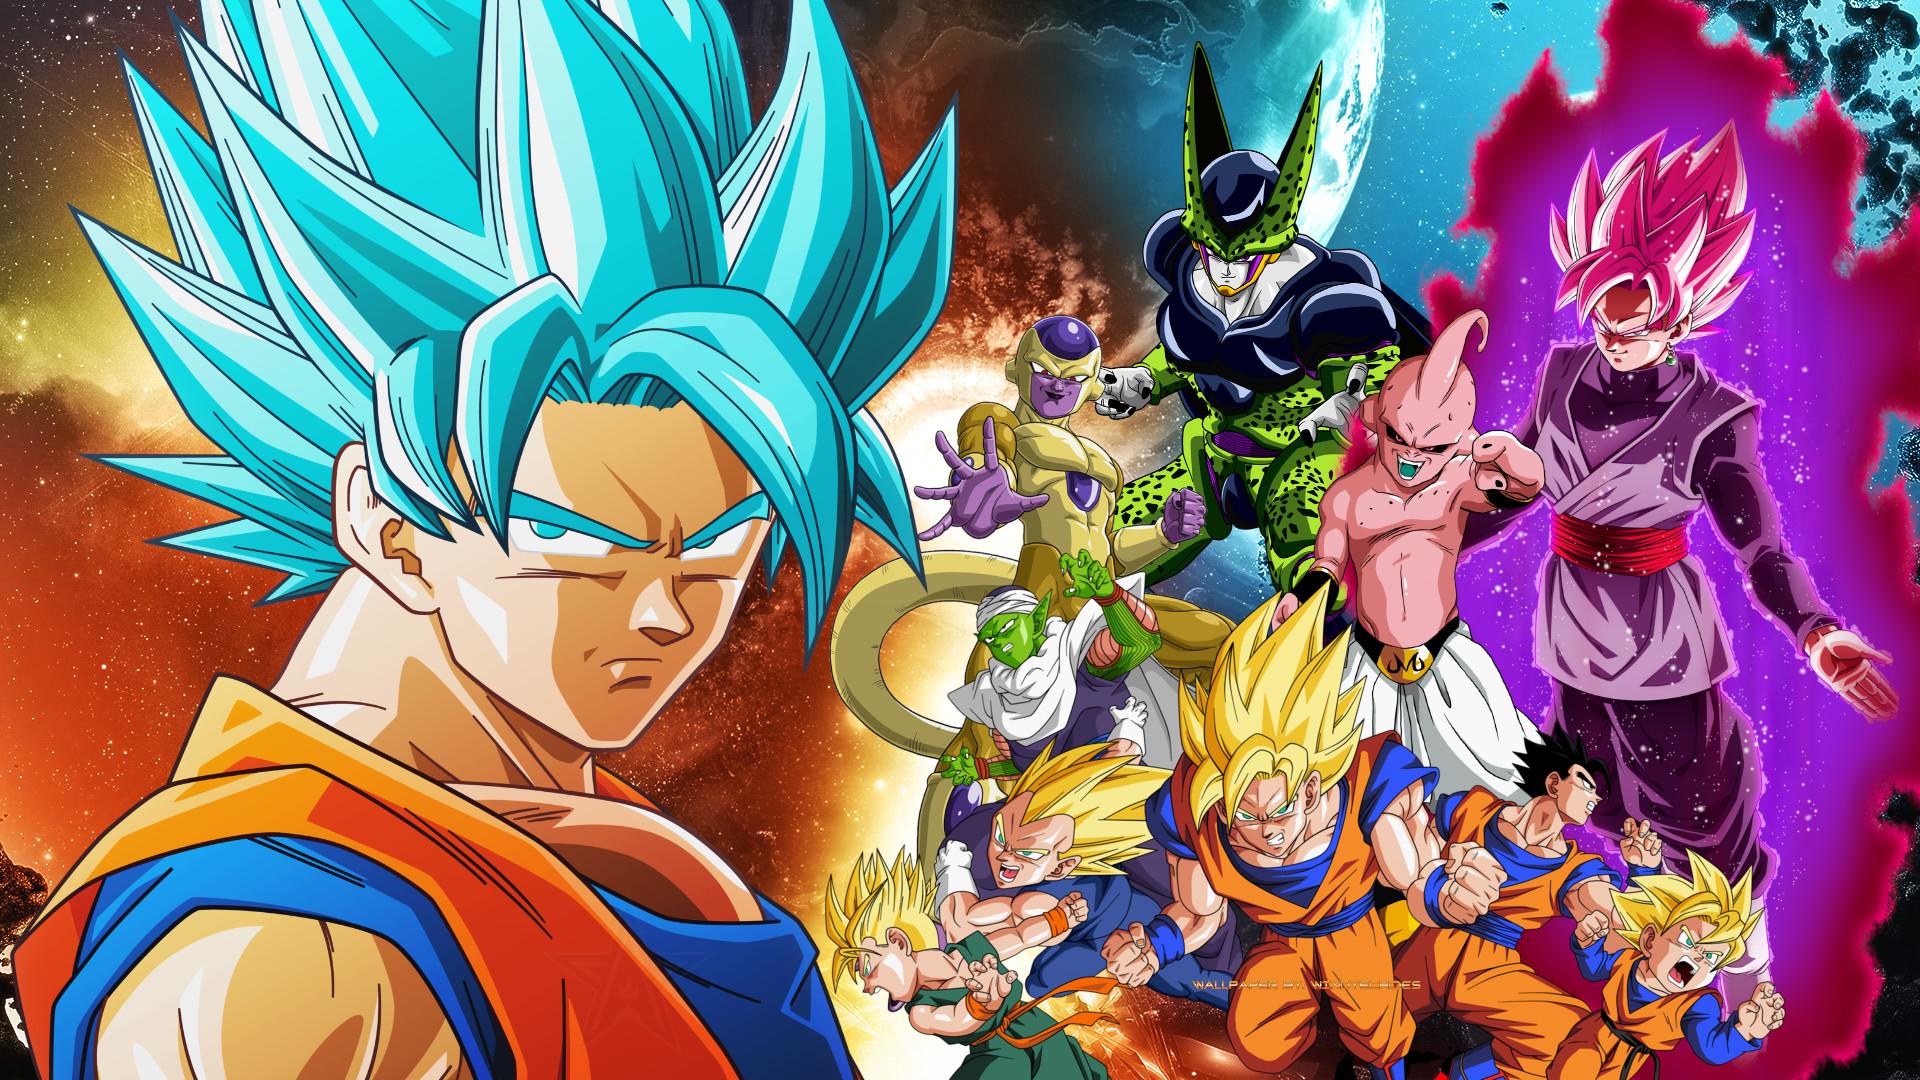 Dragon Ball Super Wallpaper HD (53+ Images